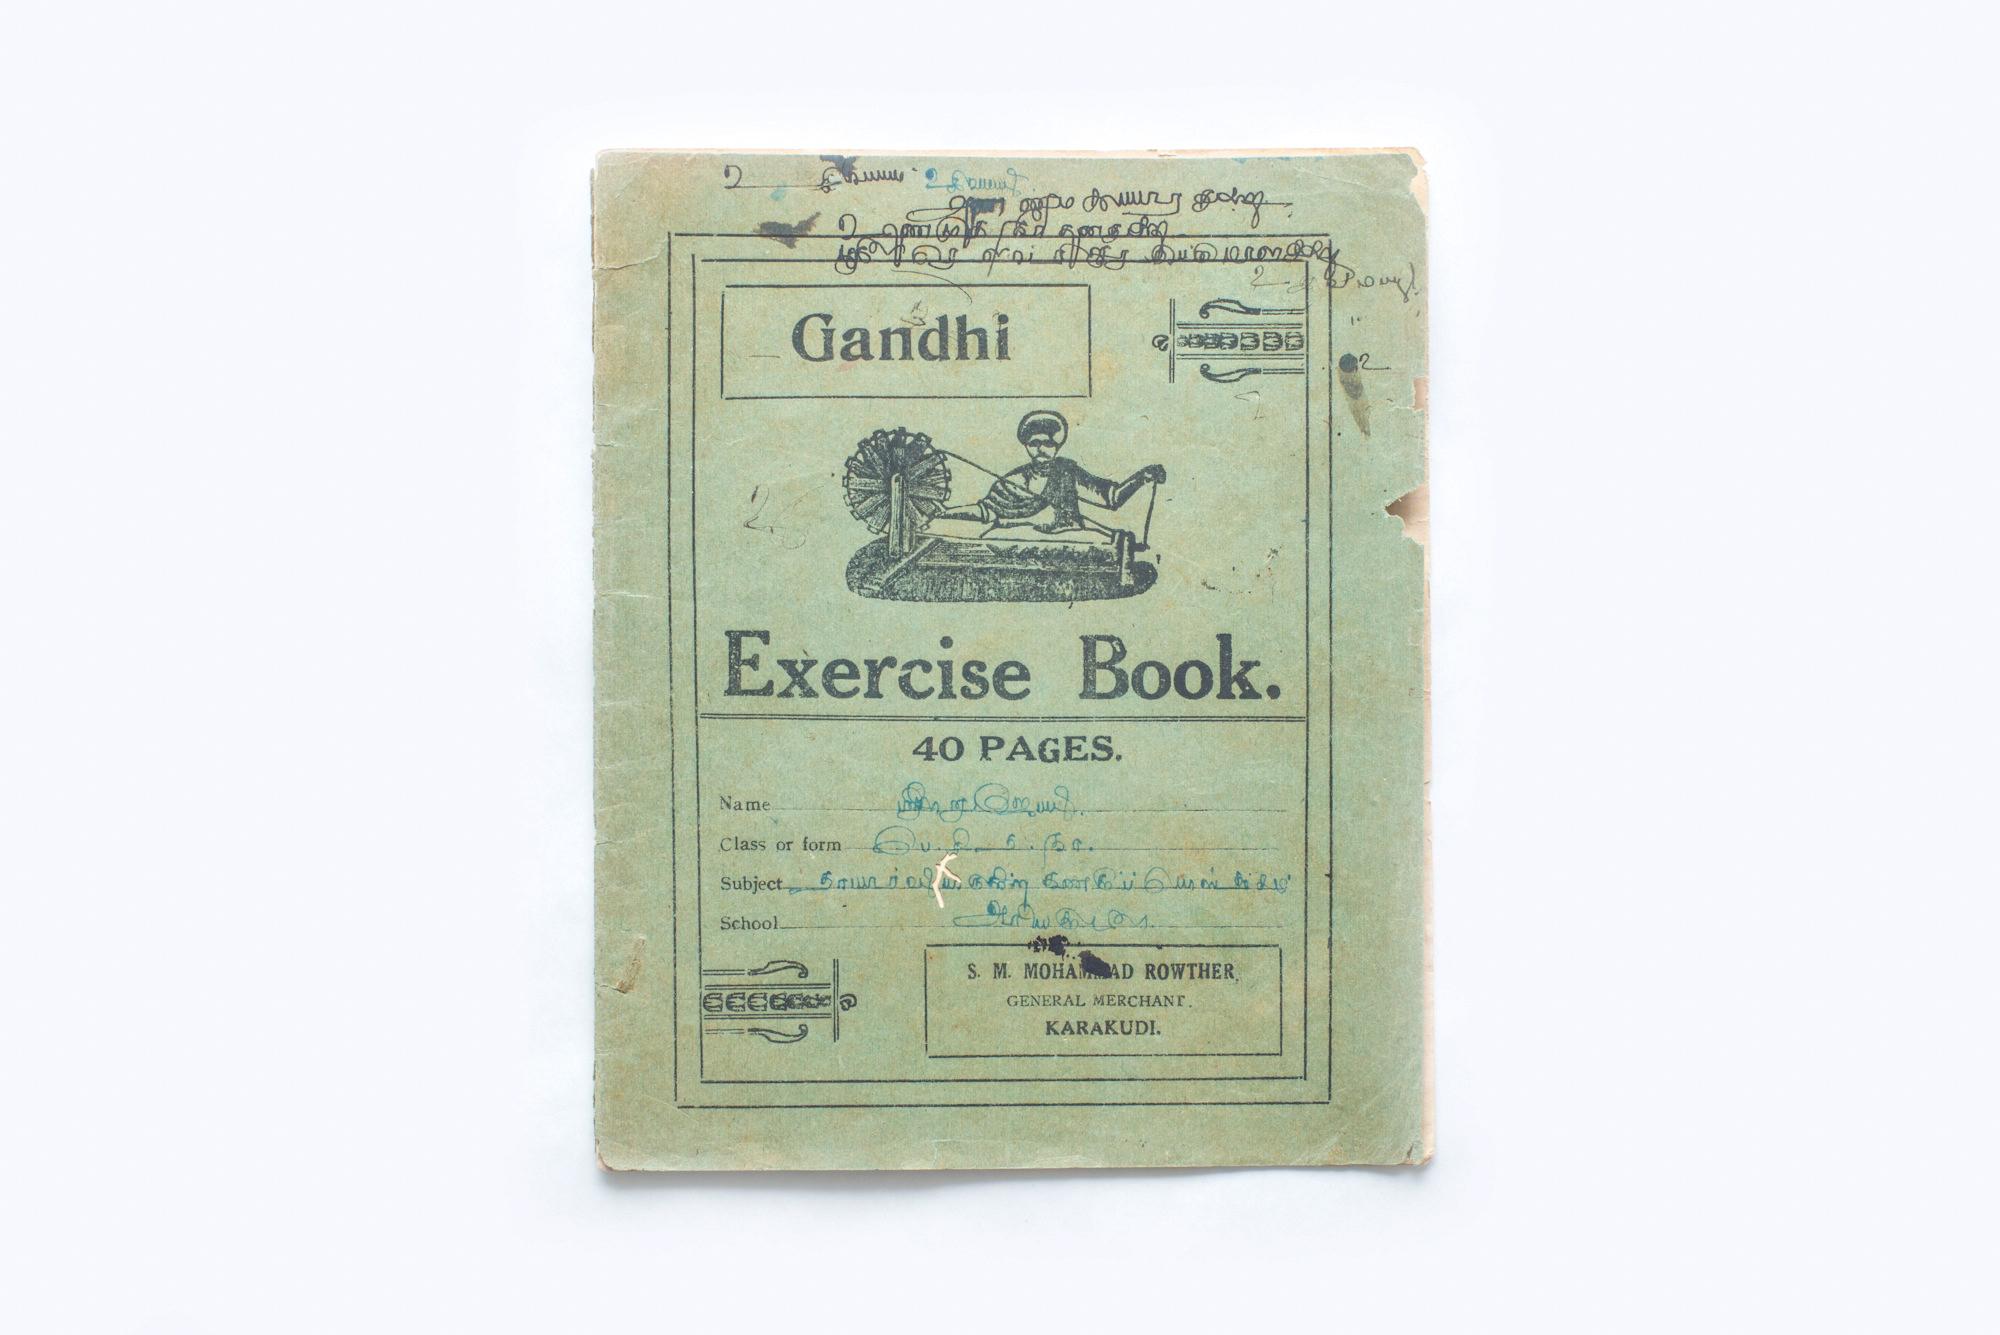 exercisebooks 8